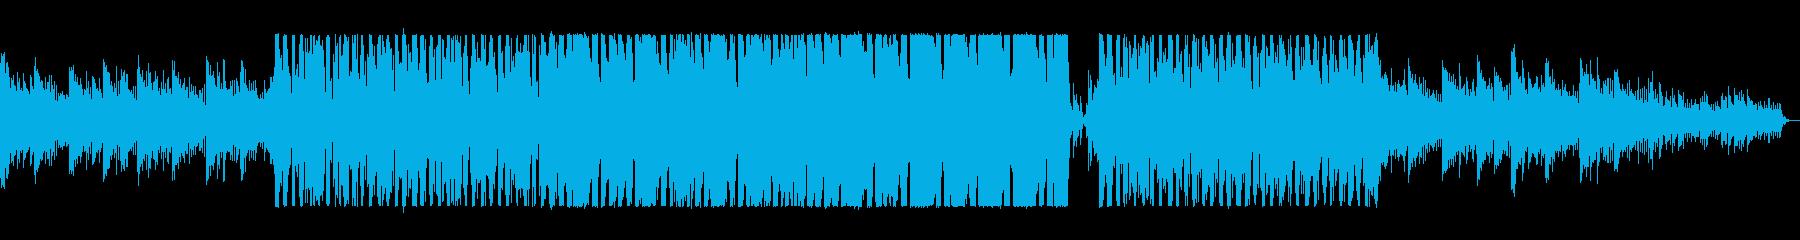 アップテンポで疾走感あるシンセサイザー曲の再生済みの波形